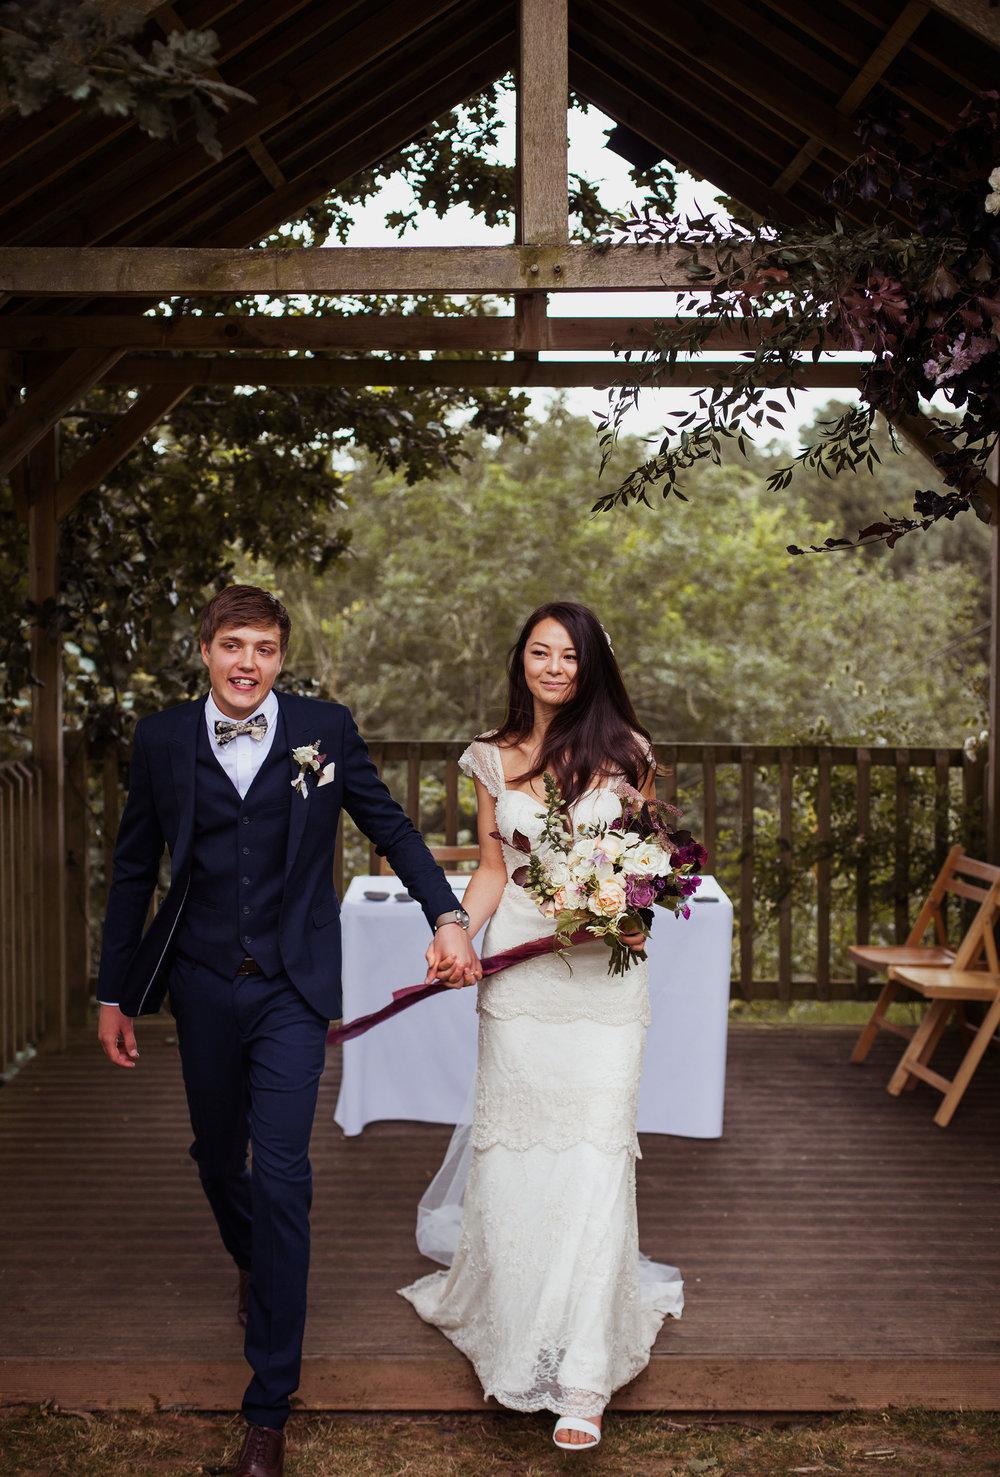 Cornwall Outdoor DIY Boho Wedding The Green Wed Magazine